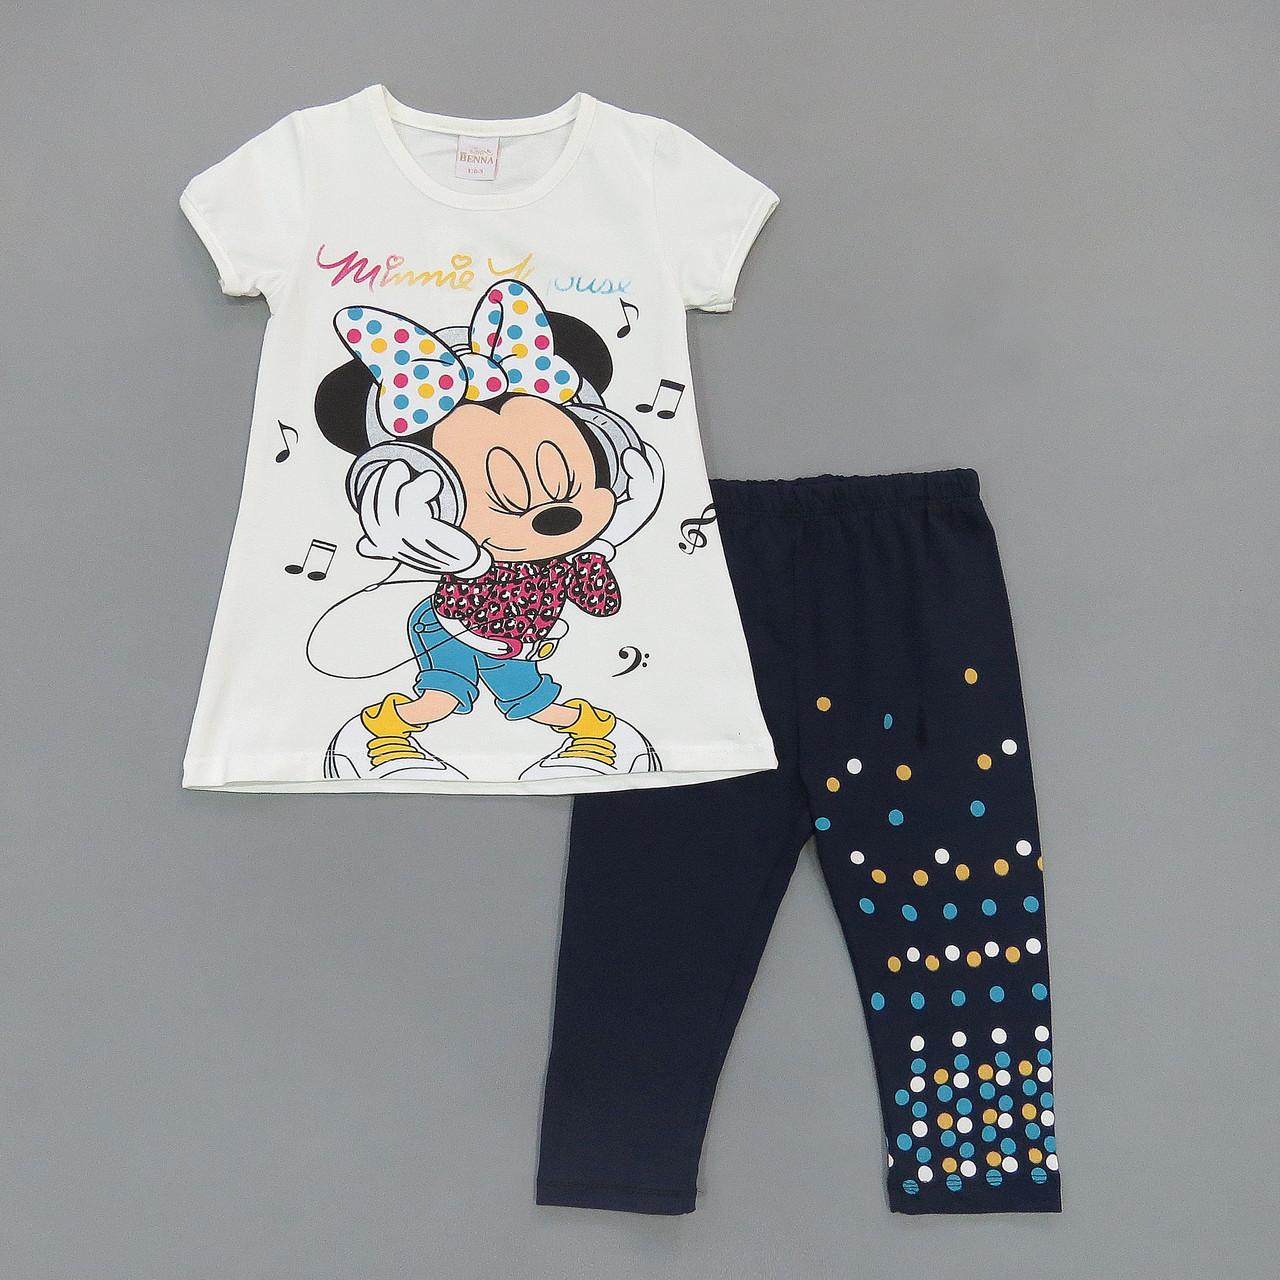 Летний костюм Minnie Mouse для девочки. Маломерит. 104, 116 см